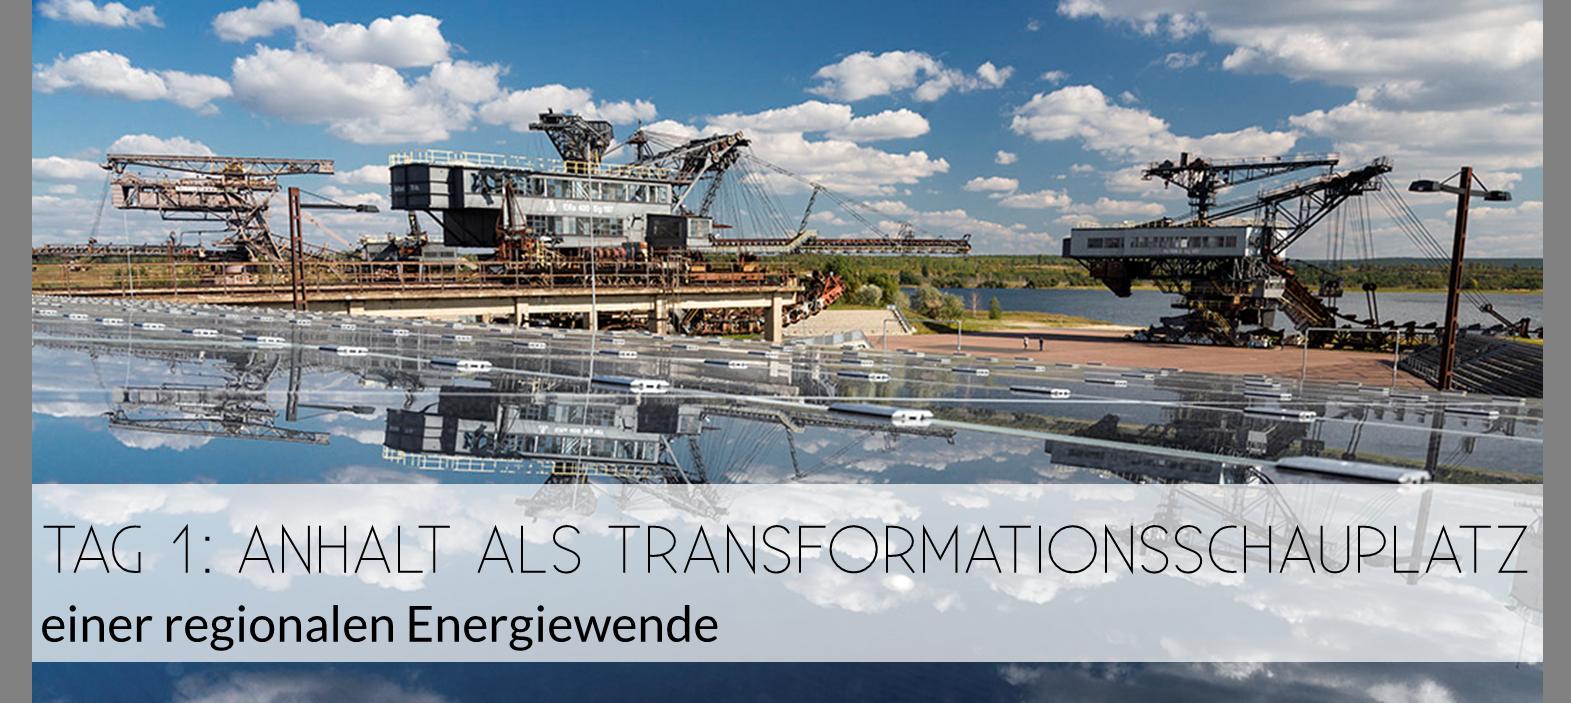 Anhalt als Transformationsschauplatz einer regionalen Energiewende